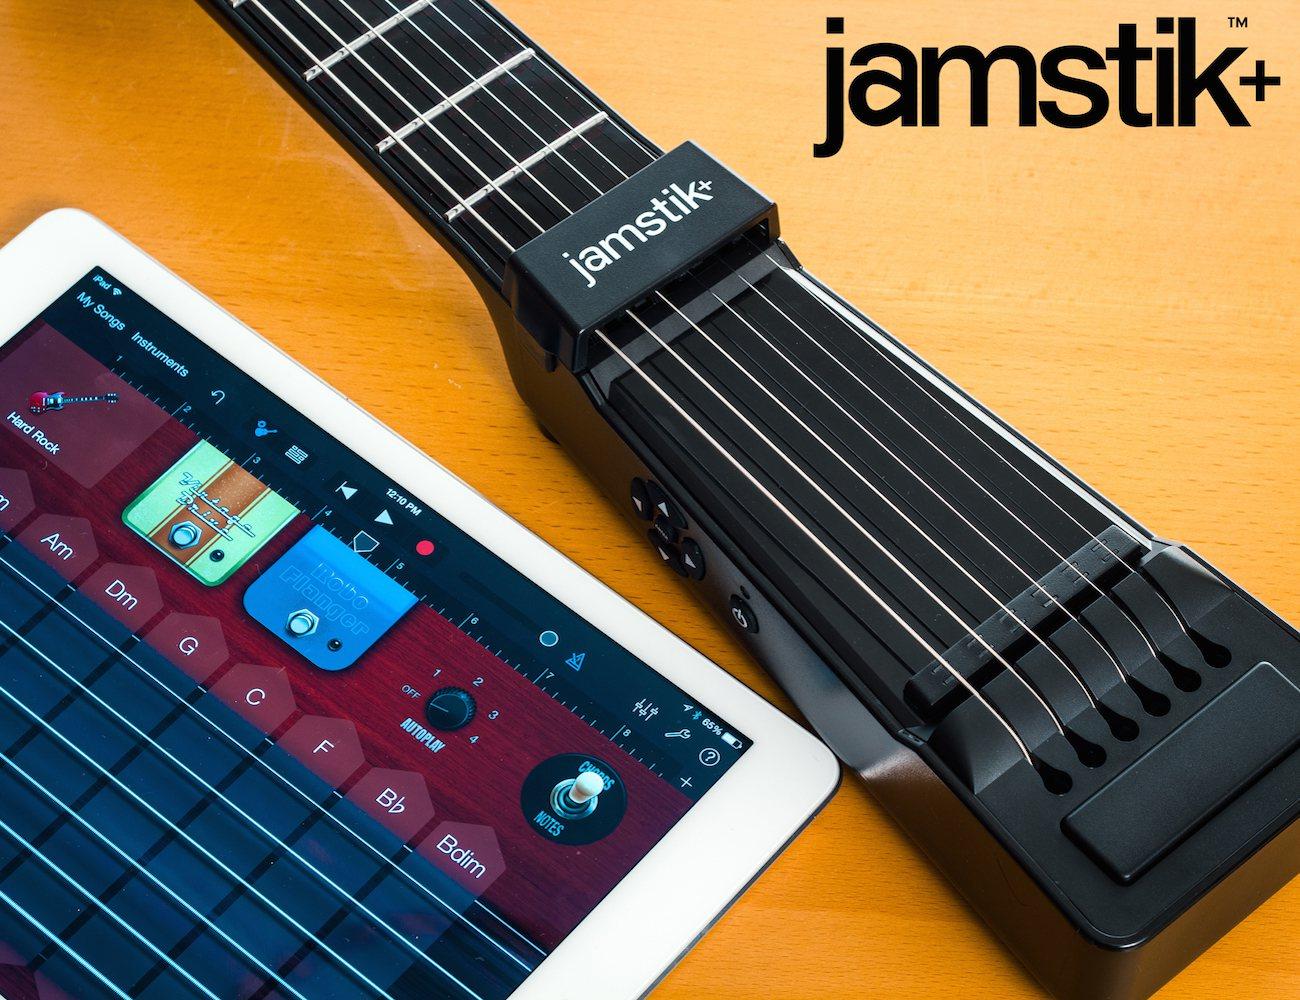 jamstik+ Digital Smart Guitar